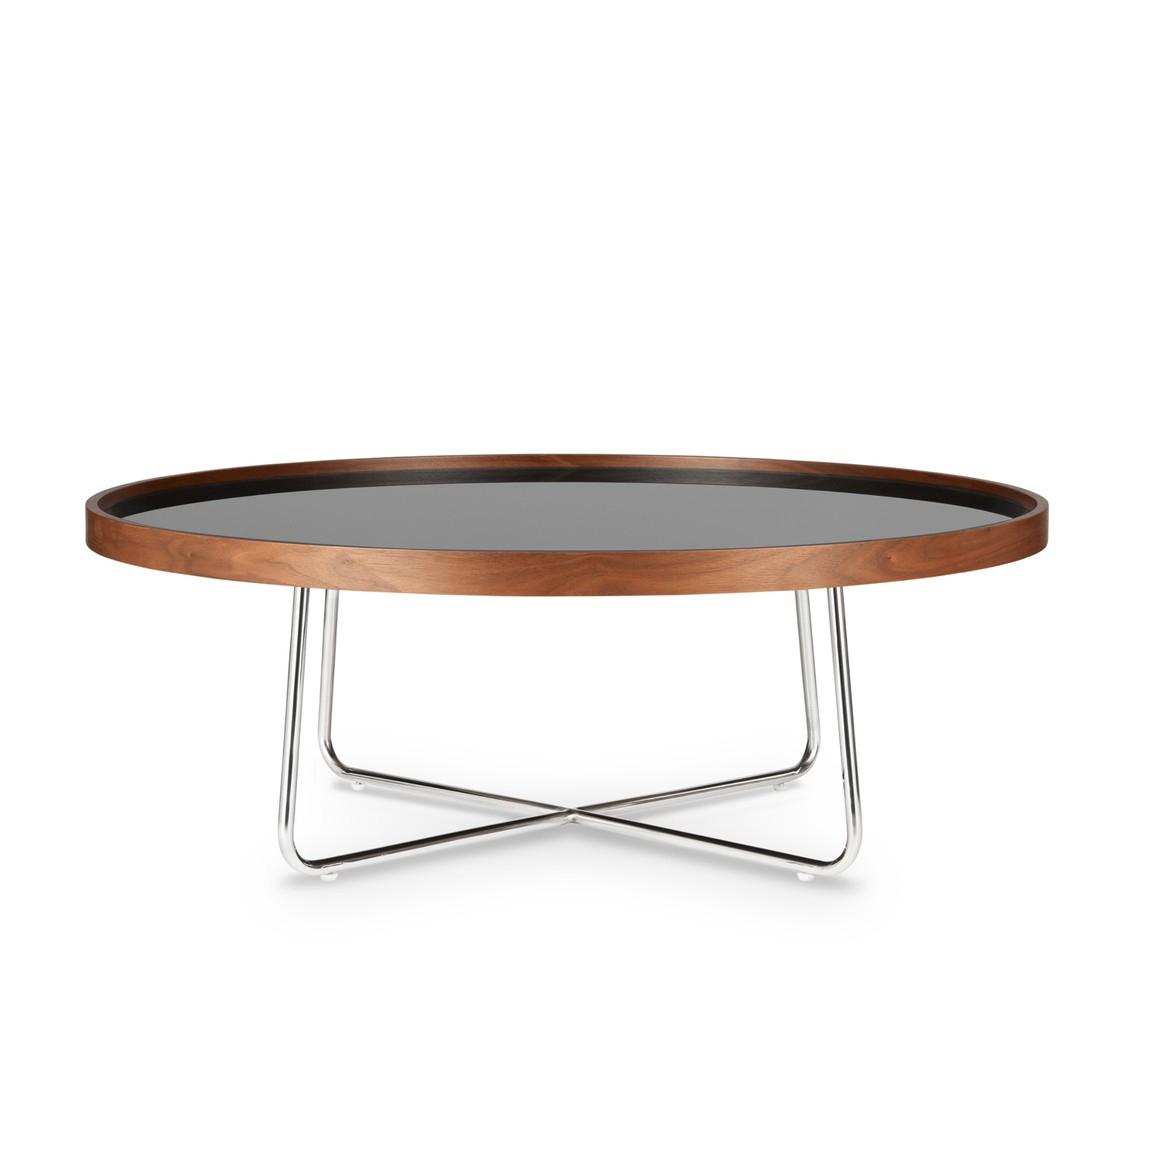 Table basse jardin ronde metal - Atwebster.fr - Maison et mobilier